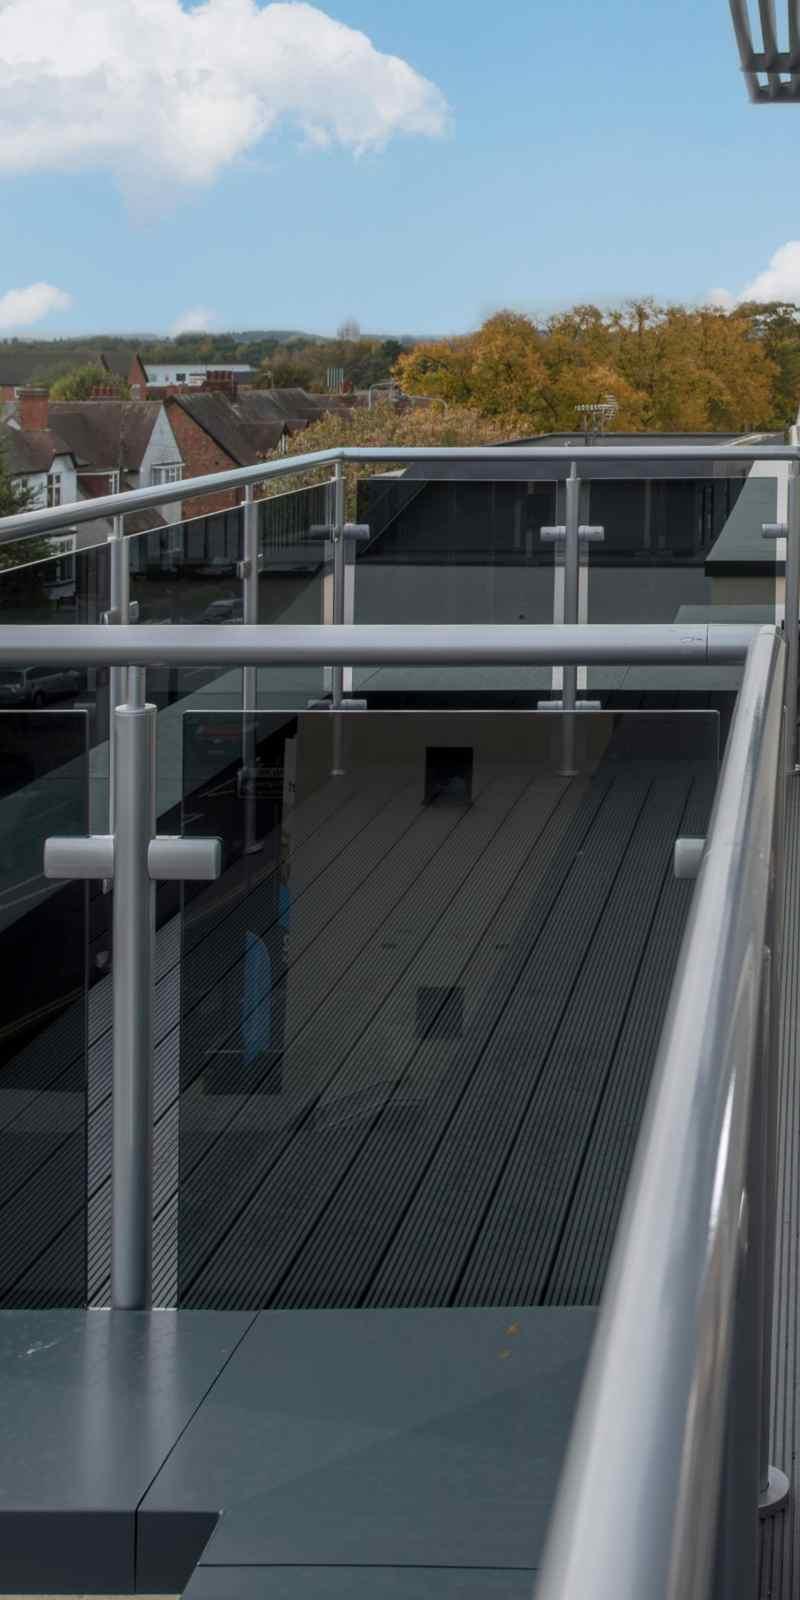 Neaco glass balustrade maximizes view